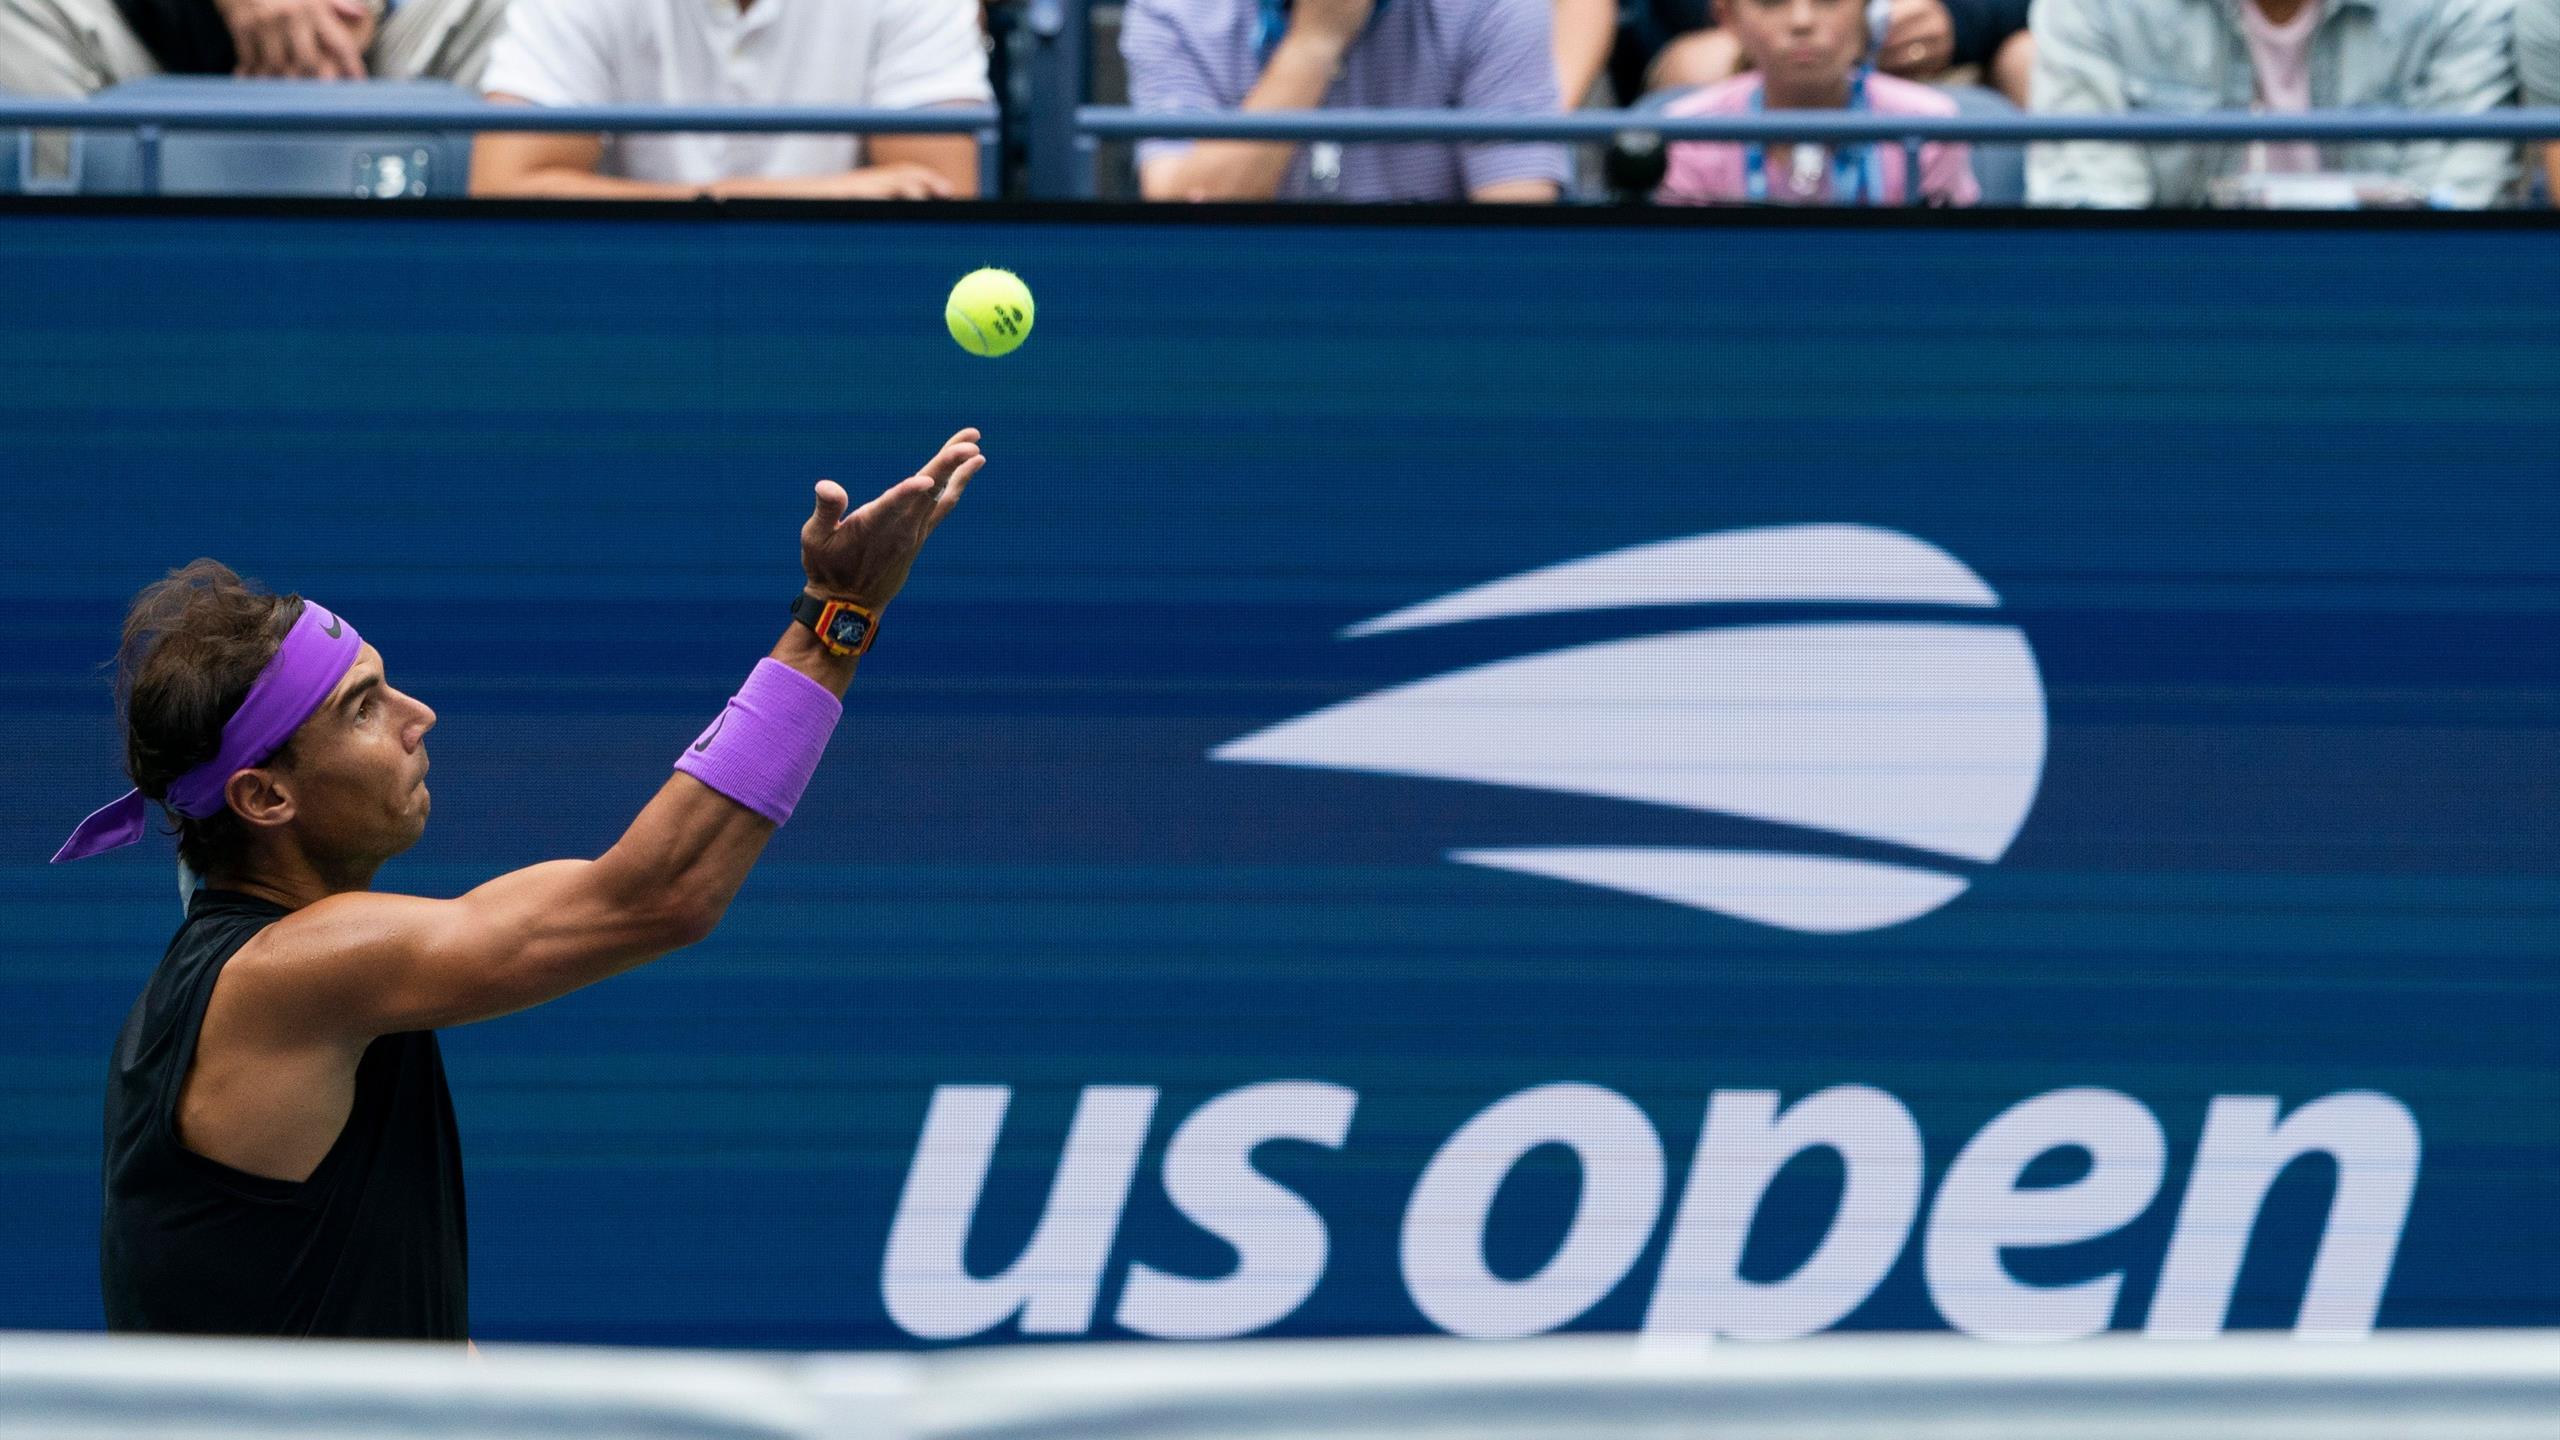 El US Open confirma a los jugadores la fecha: Se celebrará del 31 de agosto al 13 de septiembre - Eurosport